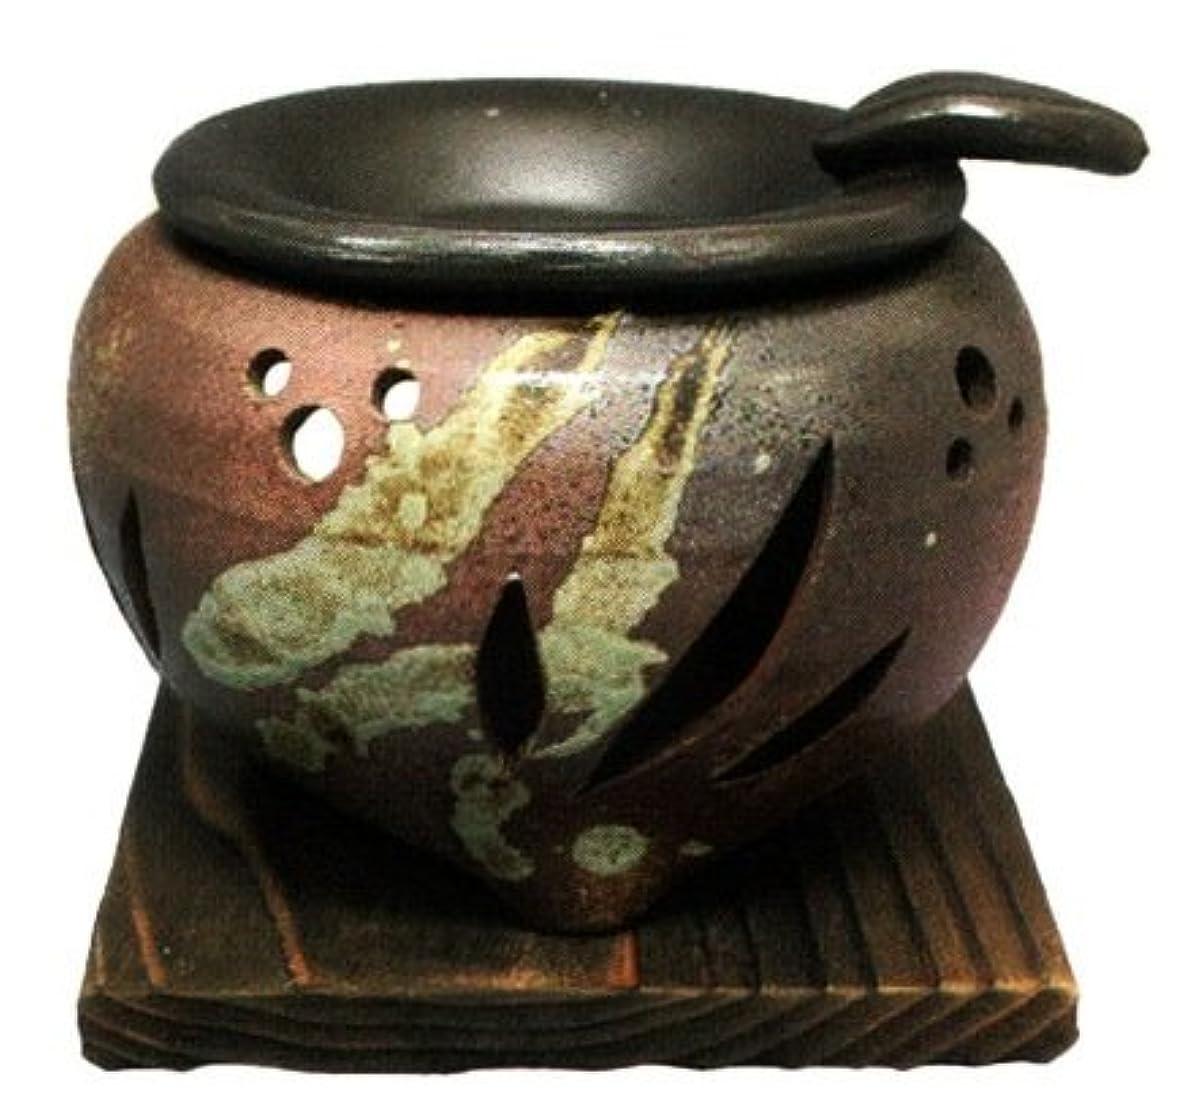 広大ないとこメンダシティ常滑焼?山房窯 カ39-04 茶香炉 杉板付 約φ11.5×9.5cm